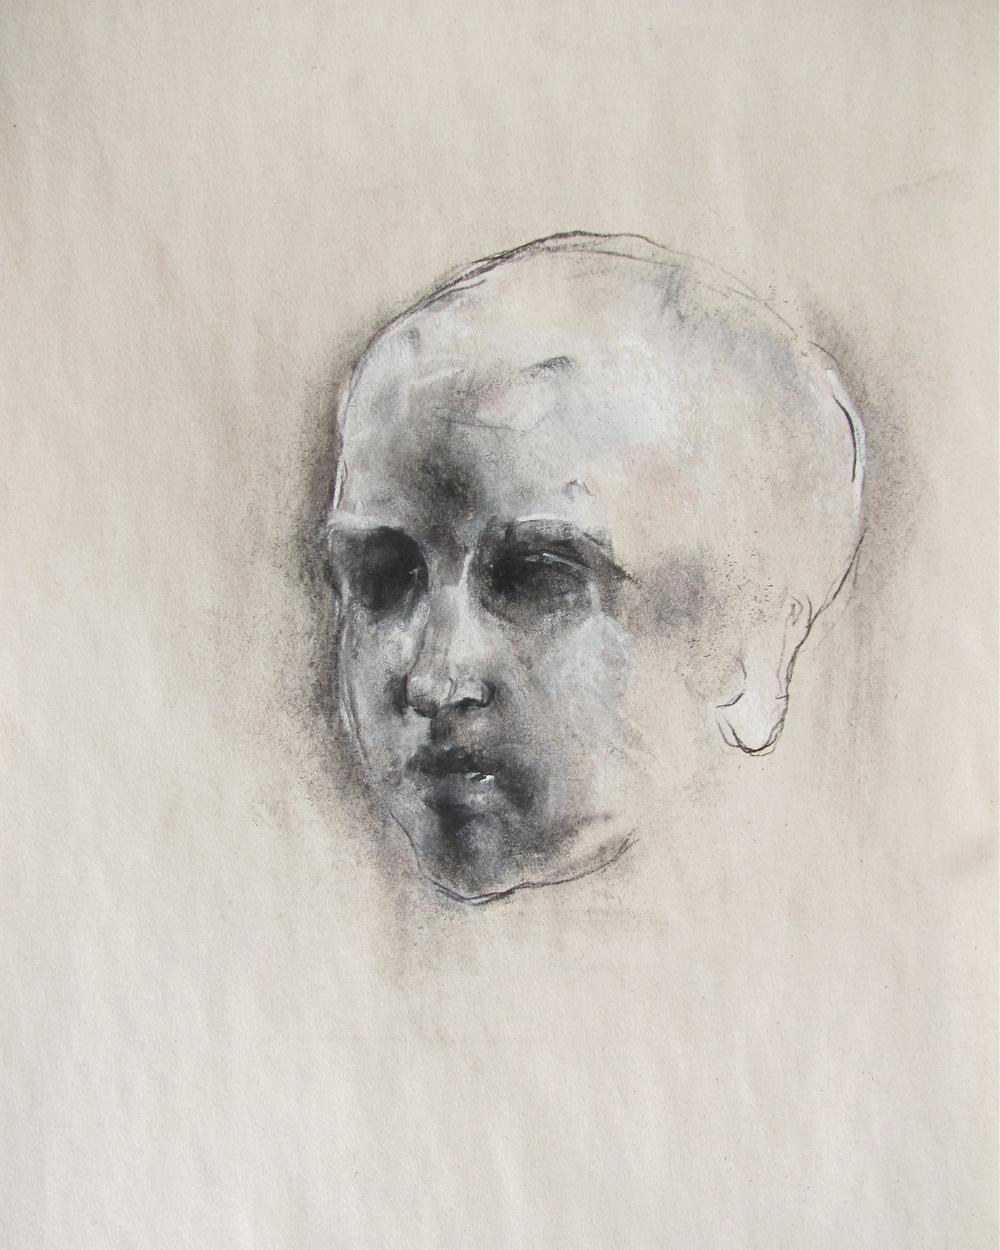 60th St. Portrait #8